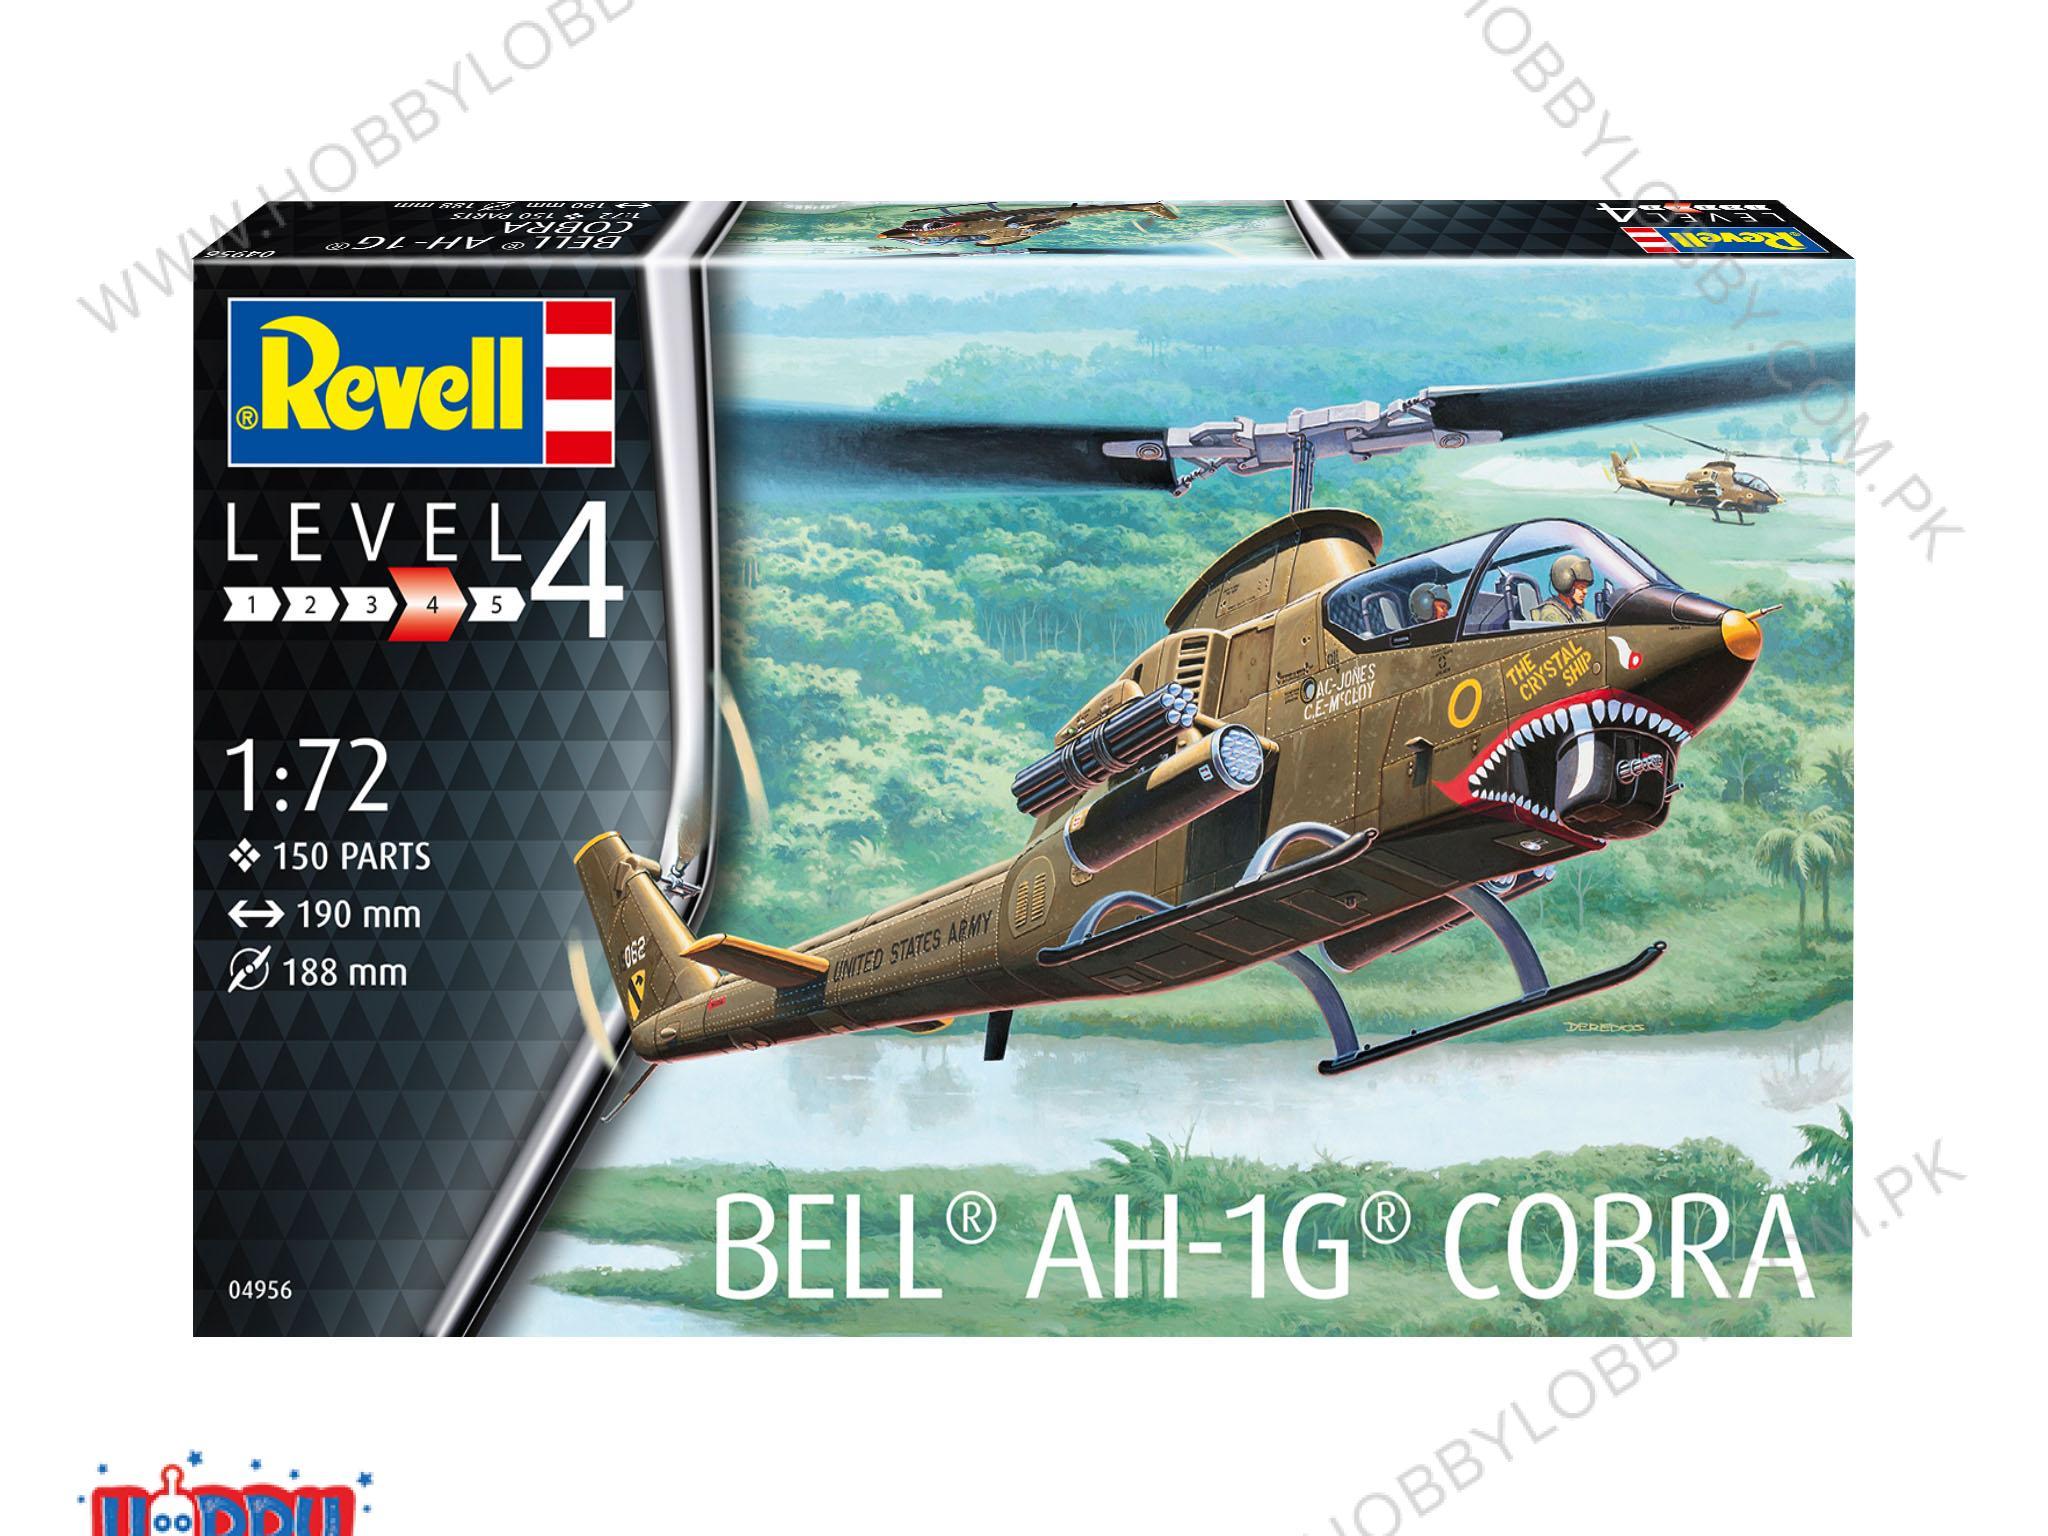 RE 1:72 BELL AH-1G COBRA